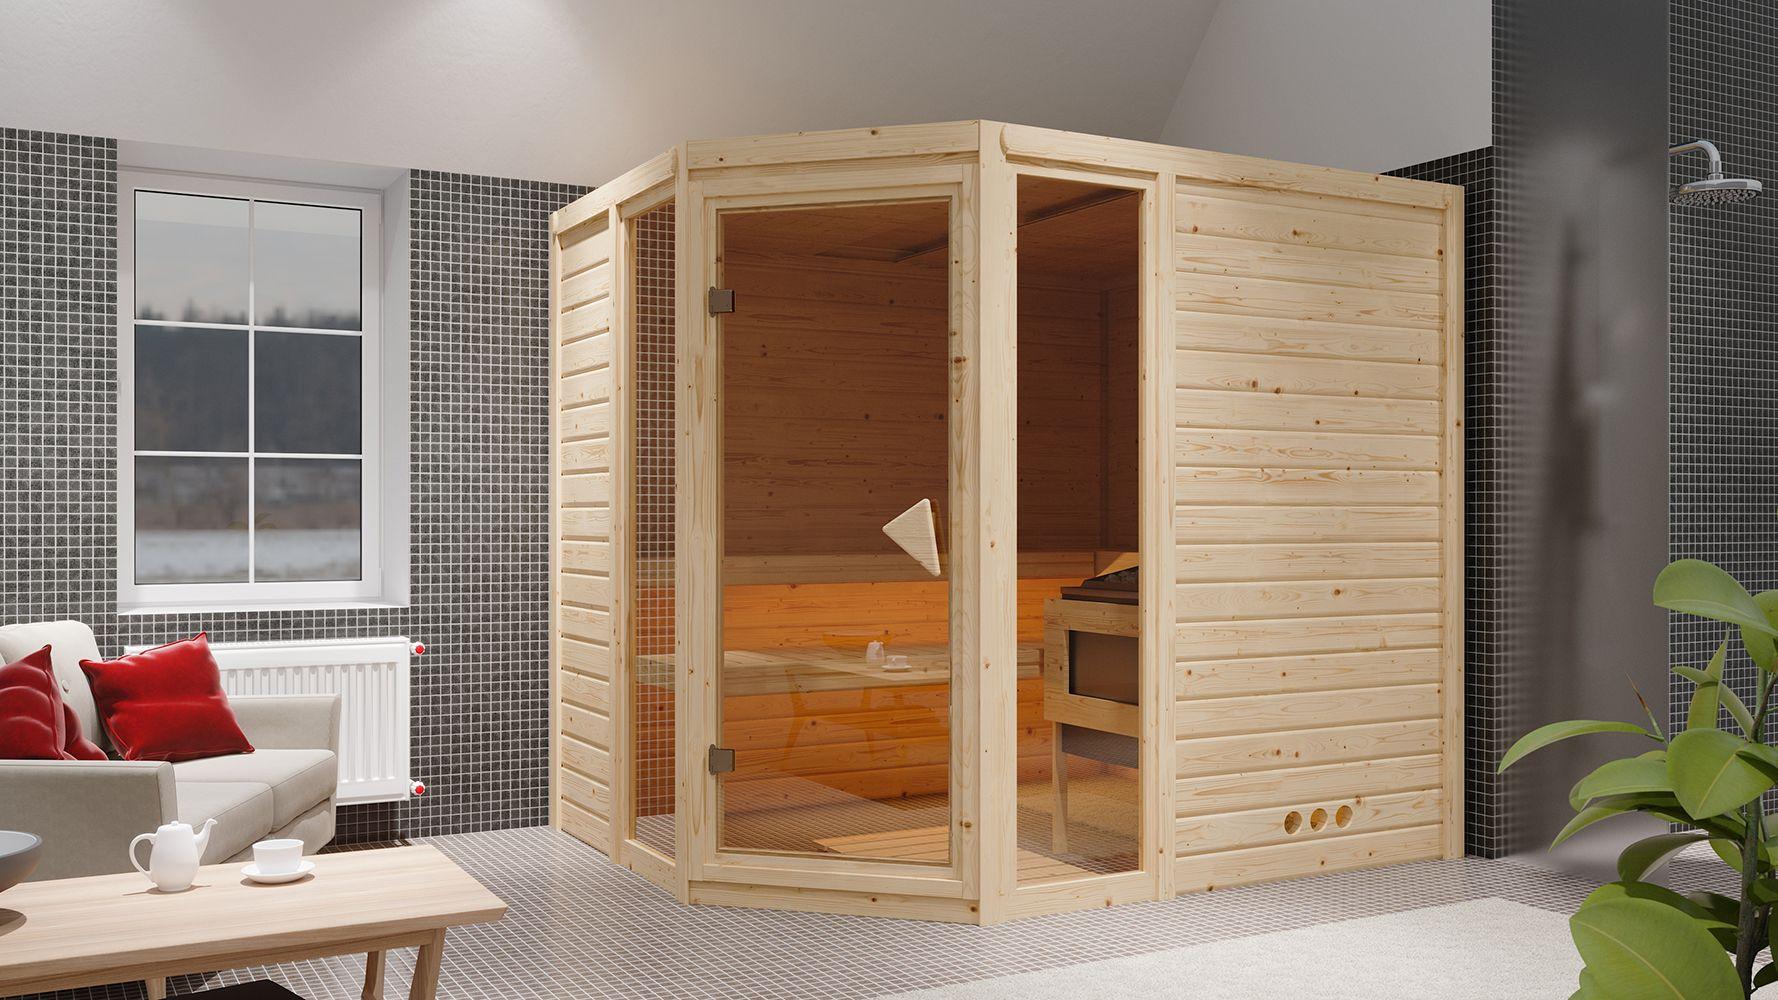 Massivholzsauna Nicole 01, 40 mm Wandstärke - 236 x 184 x 209 cm (B x T x H) - Ausführung:inkl. Bio-Ofen mit externer Steuerung